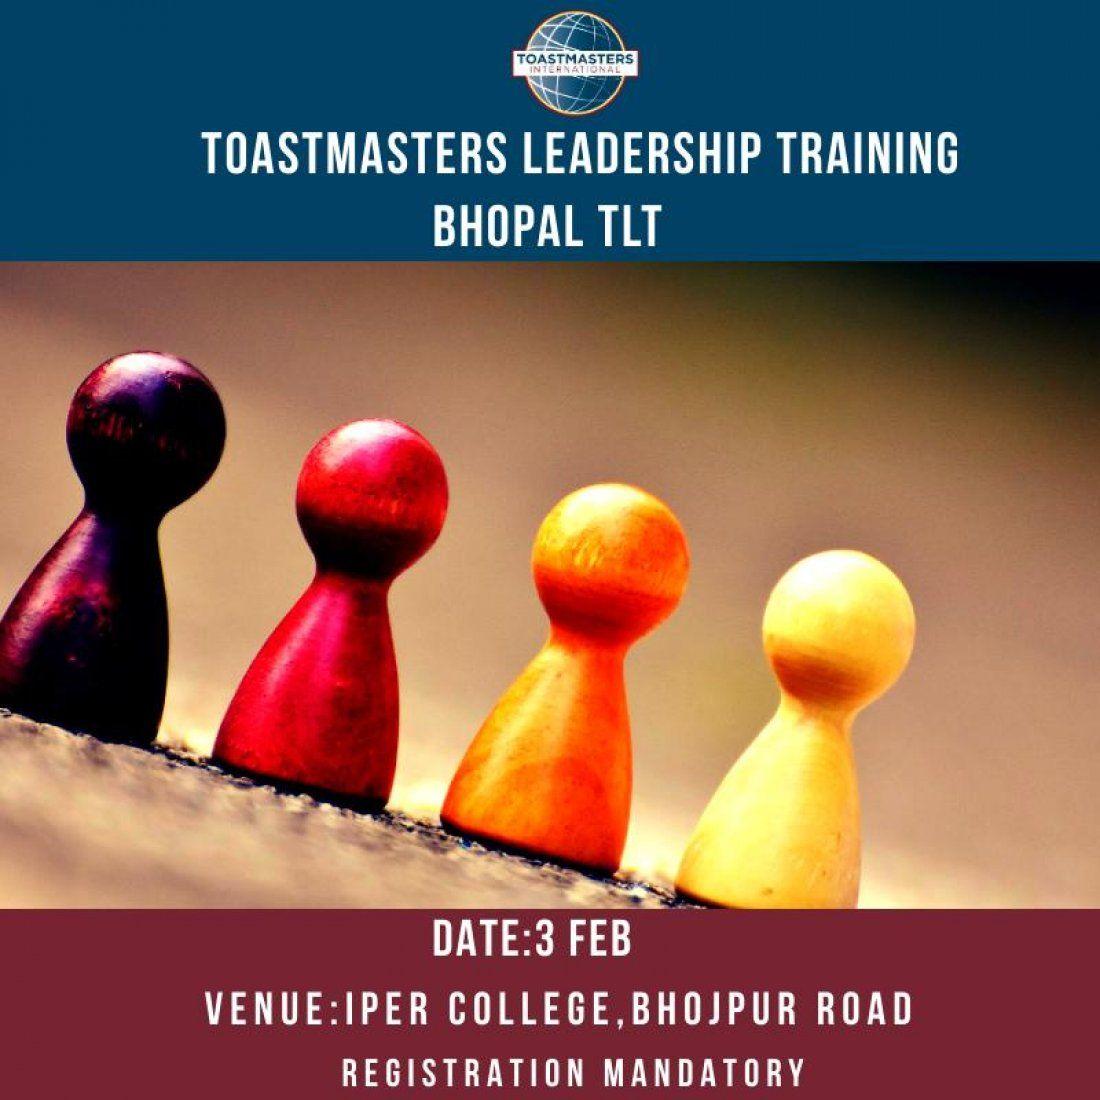 Toastmasters Leadership Training